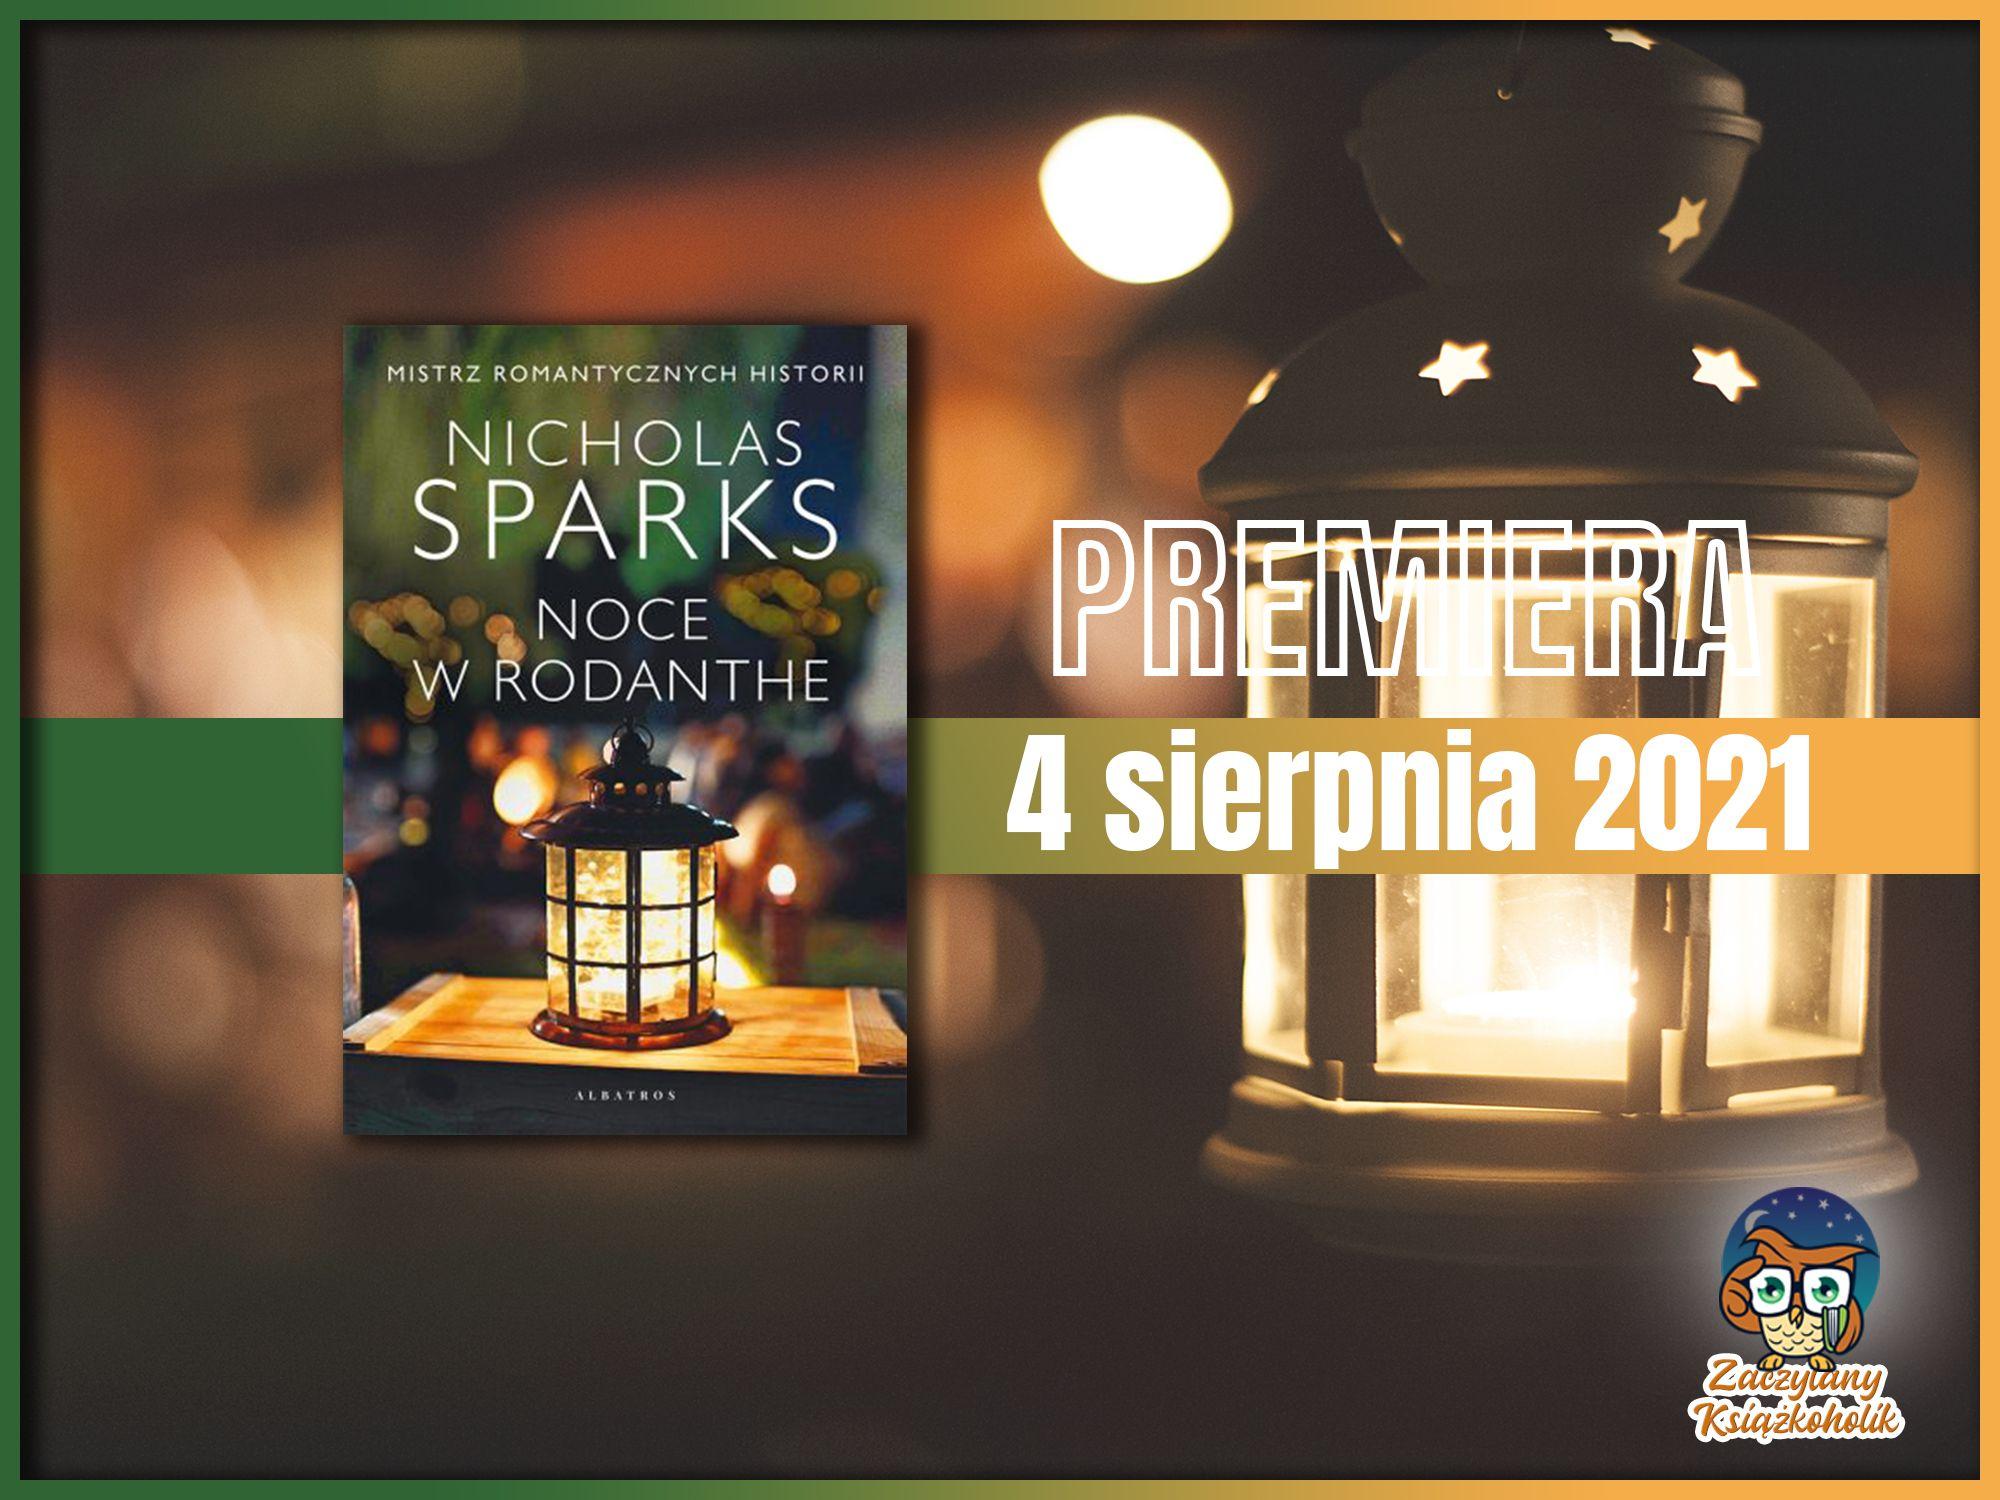 Noce w Rodanthe, Nicholas Sparks, zaczytanyksiazkoholik.pl